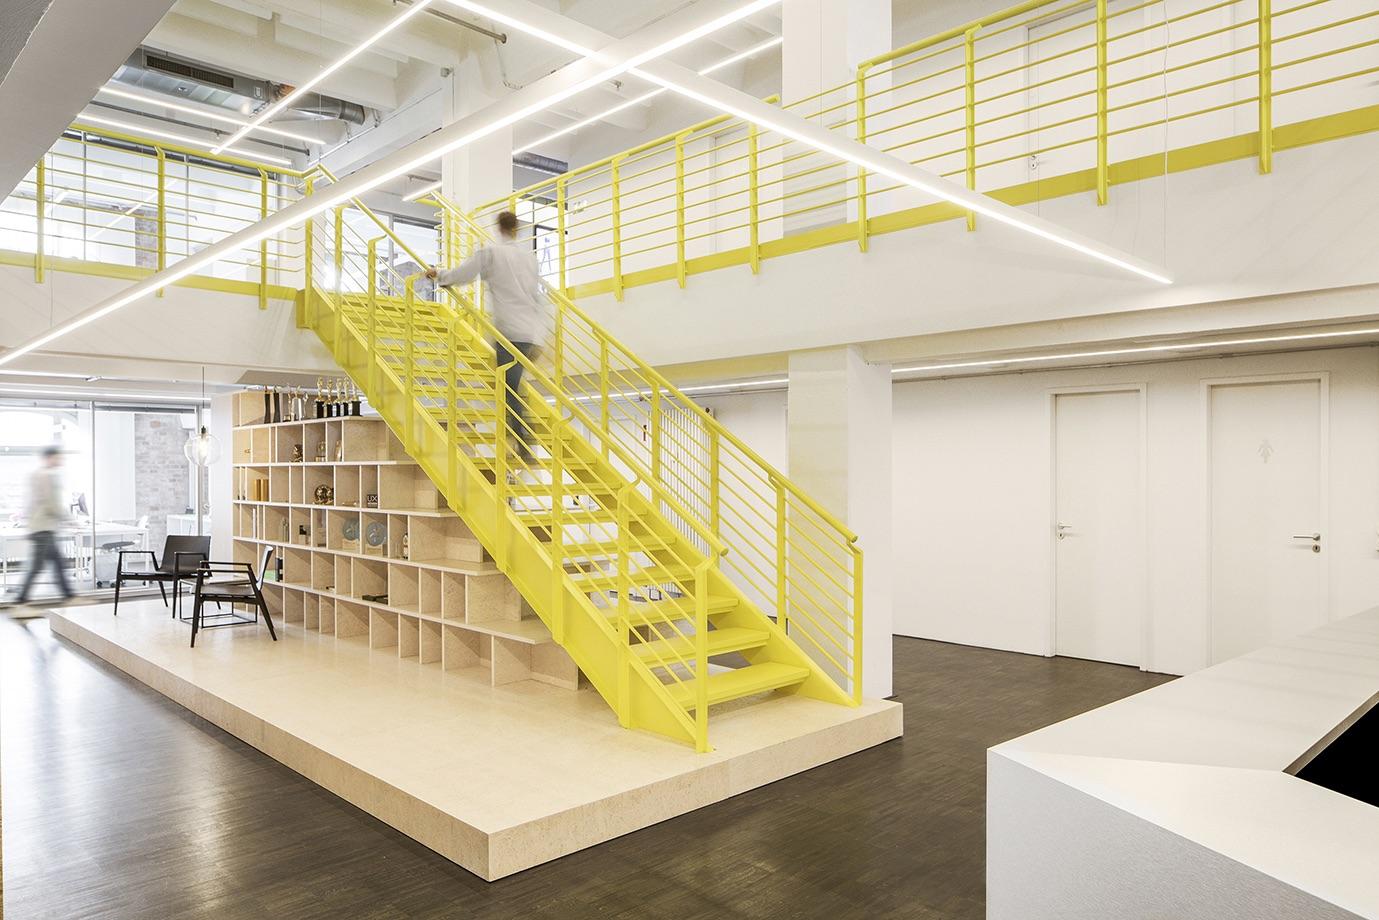 Razorfish's Berlin office